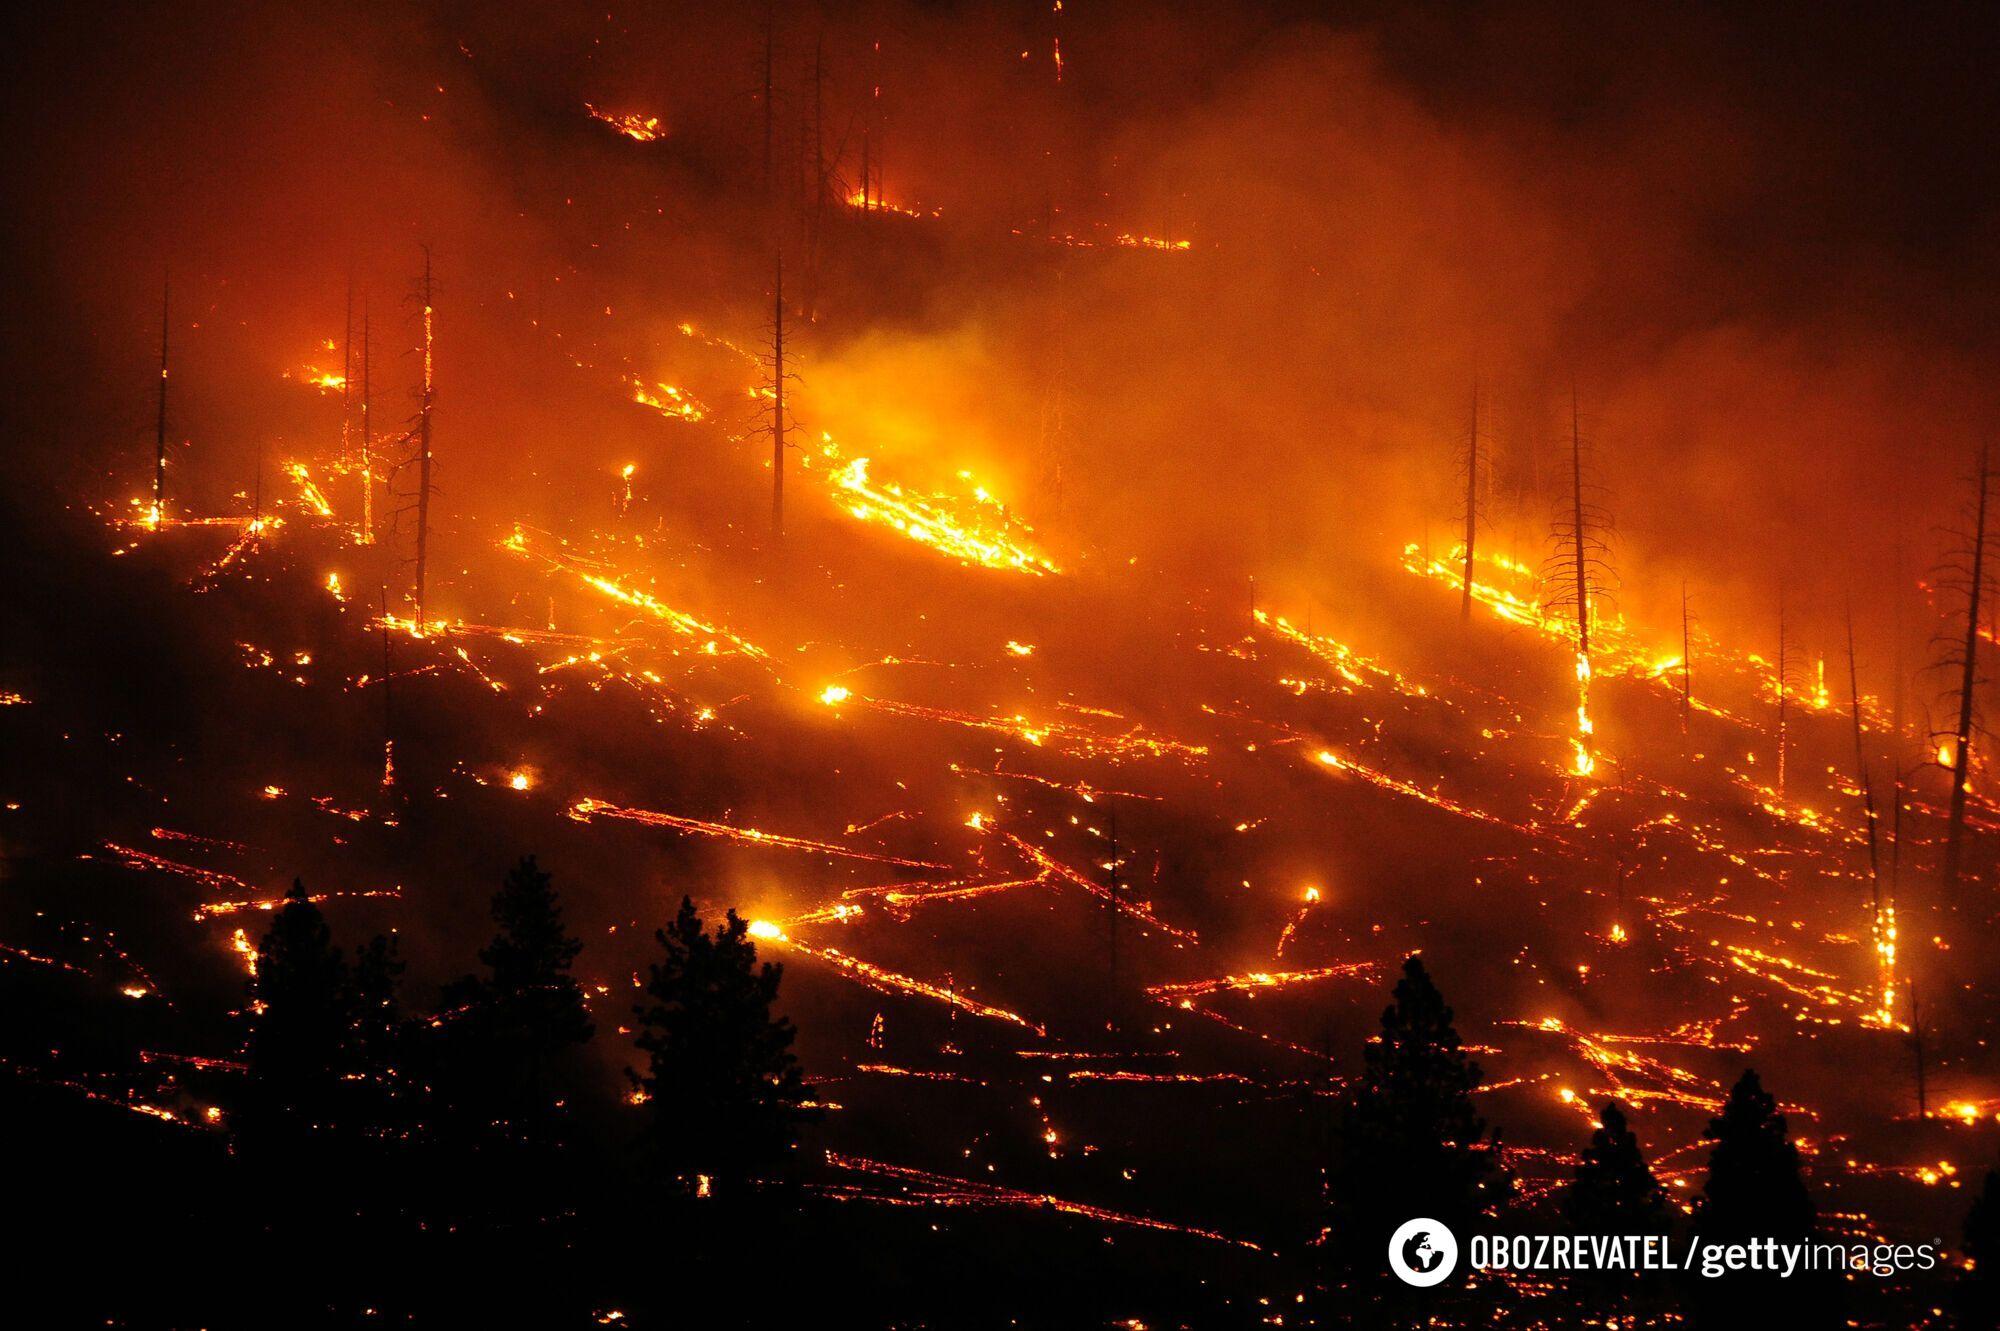 Пожар в Калифорнии, США